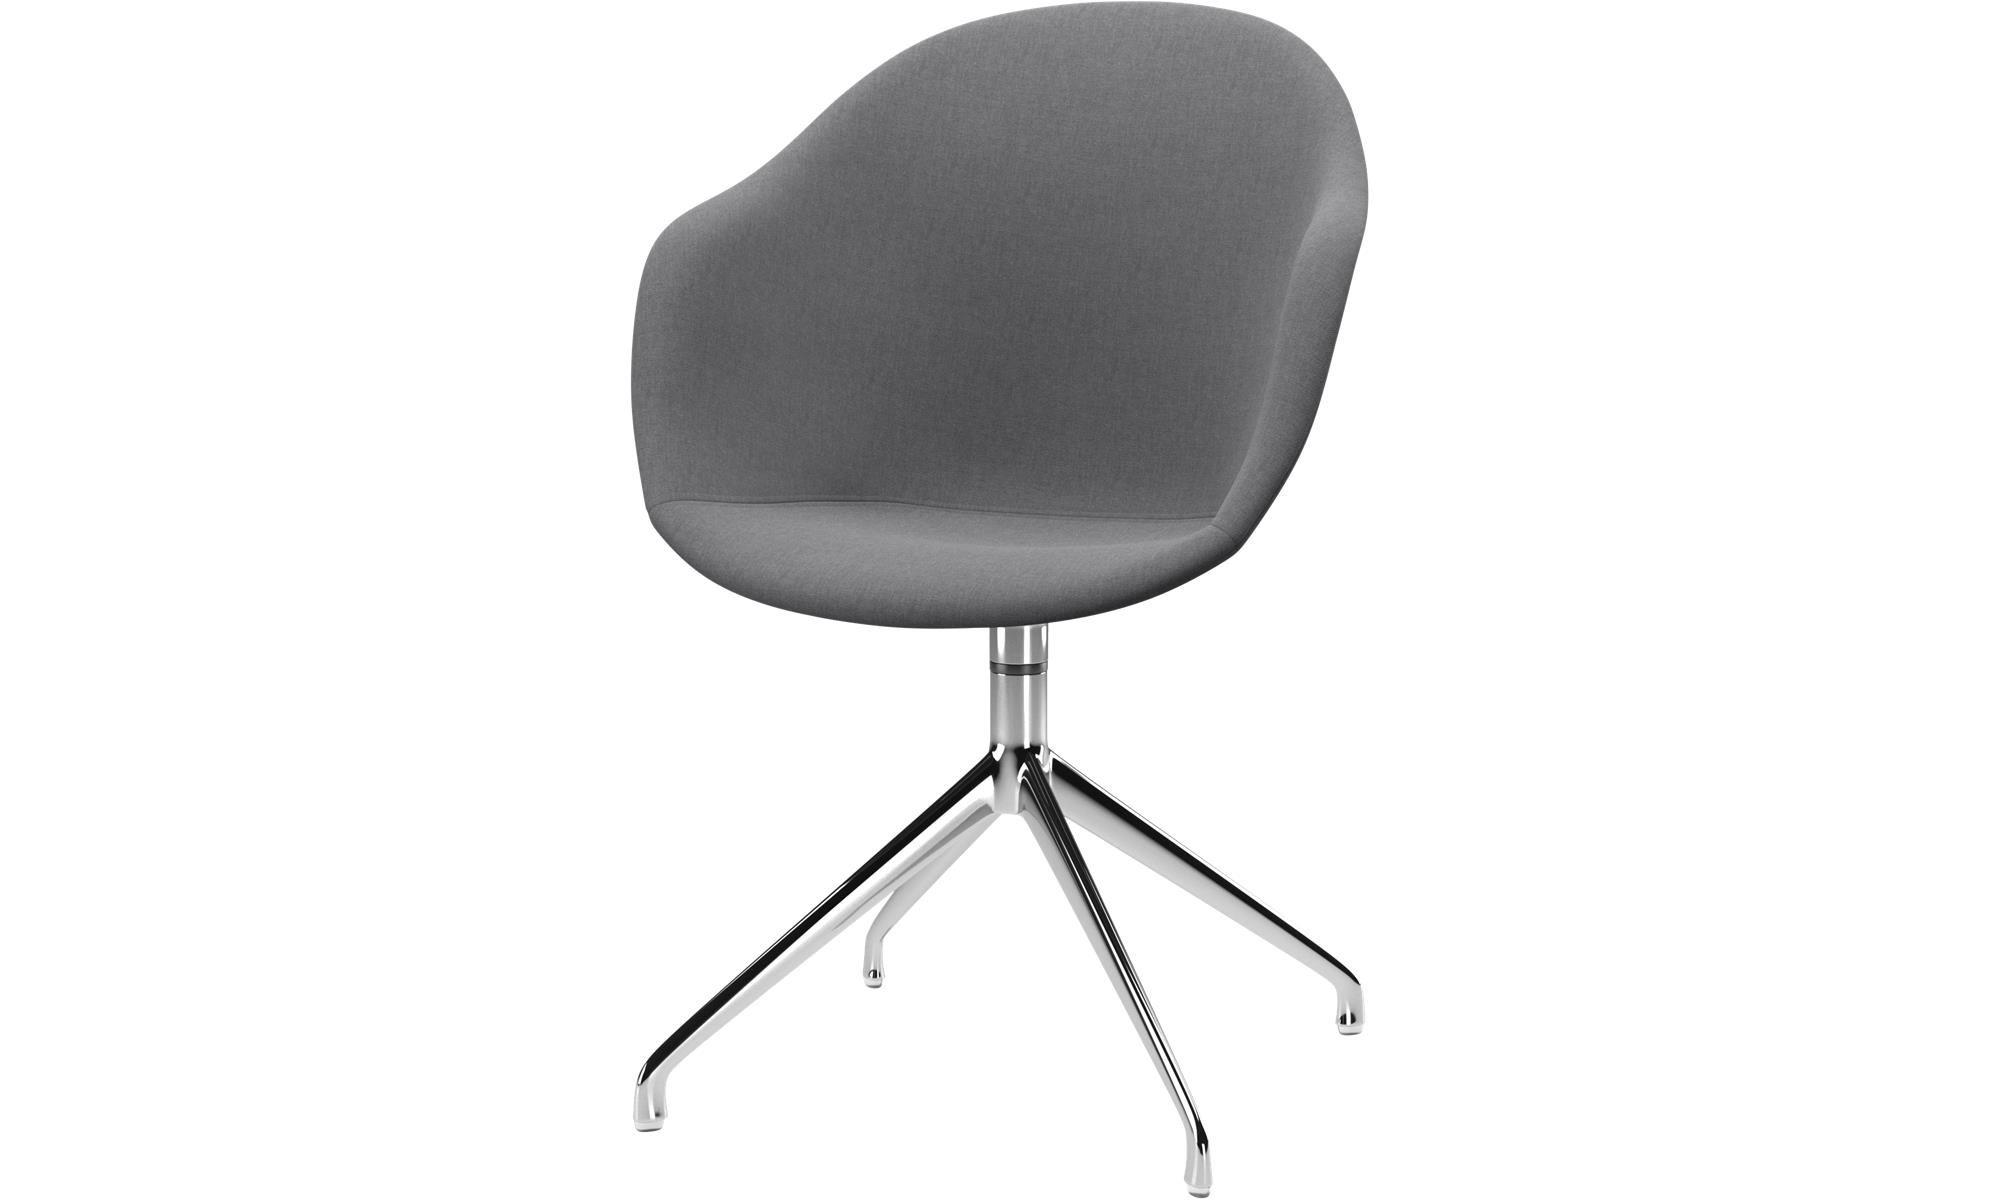 Unsere Neuheiten   Adelaide Stuhl mit Drehfunktion   Grau   Stoff   Esszimmerstühle, Stühle, Modern